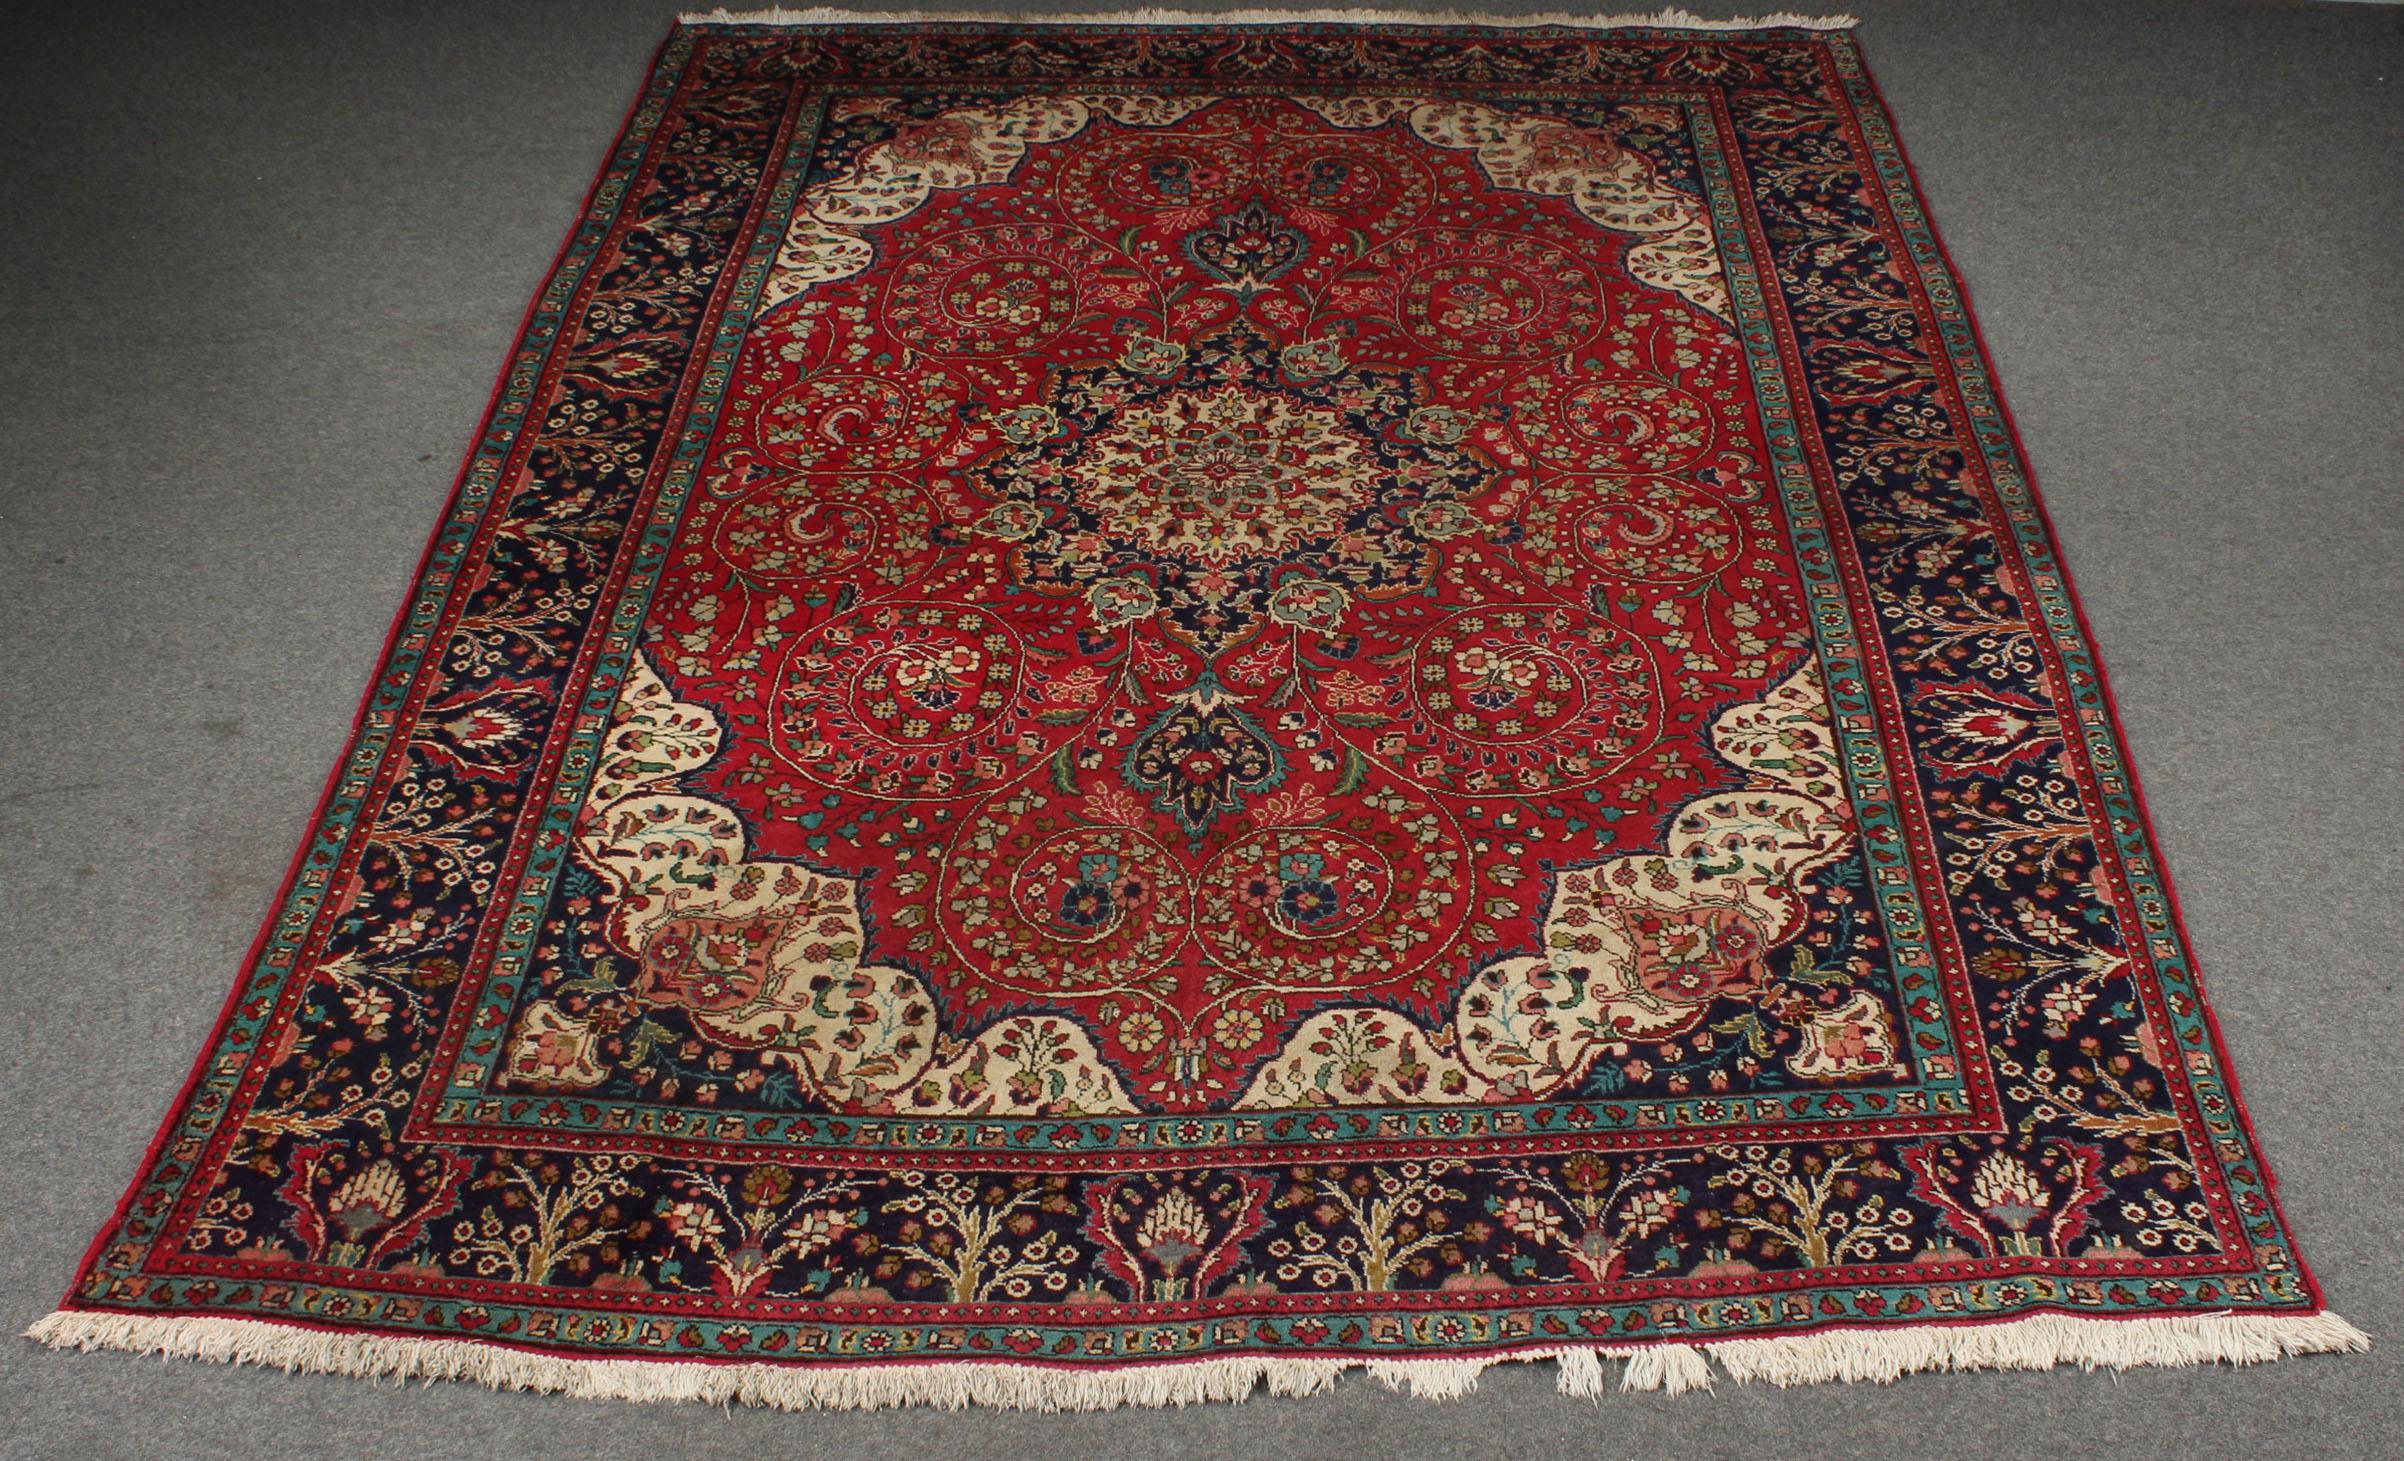 Persisk Tabriz. 400 x 300 cm. Varenr: 2201465 - Persisk Tabriz. 400 x 300 cm. Fremstår med lettere slitage